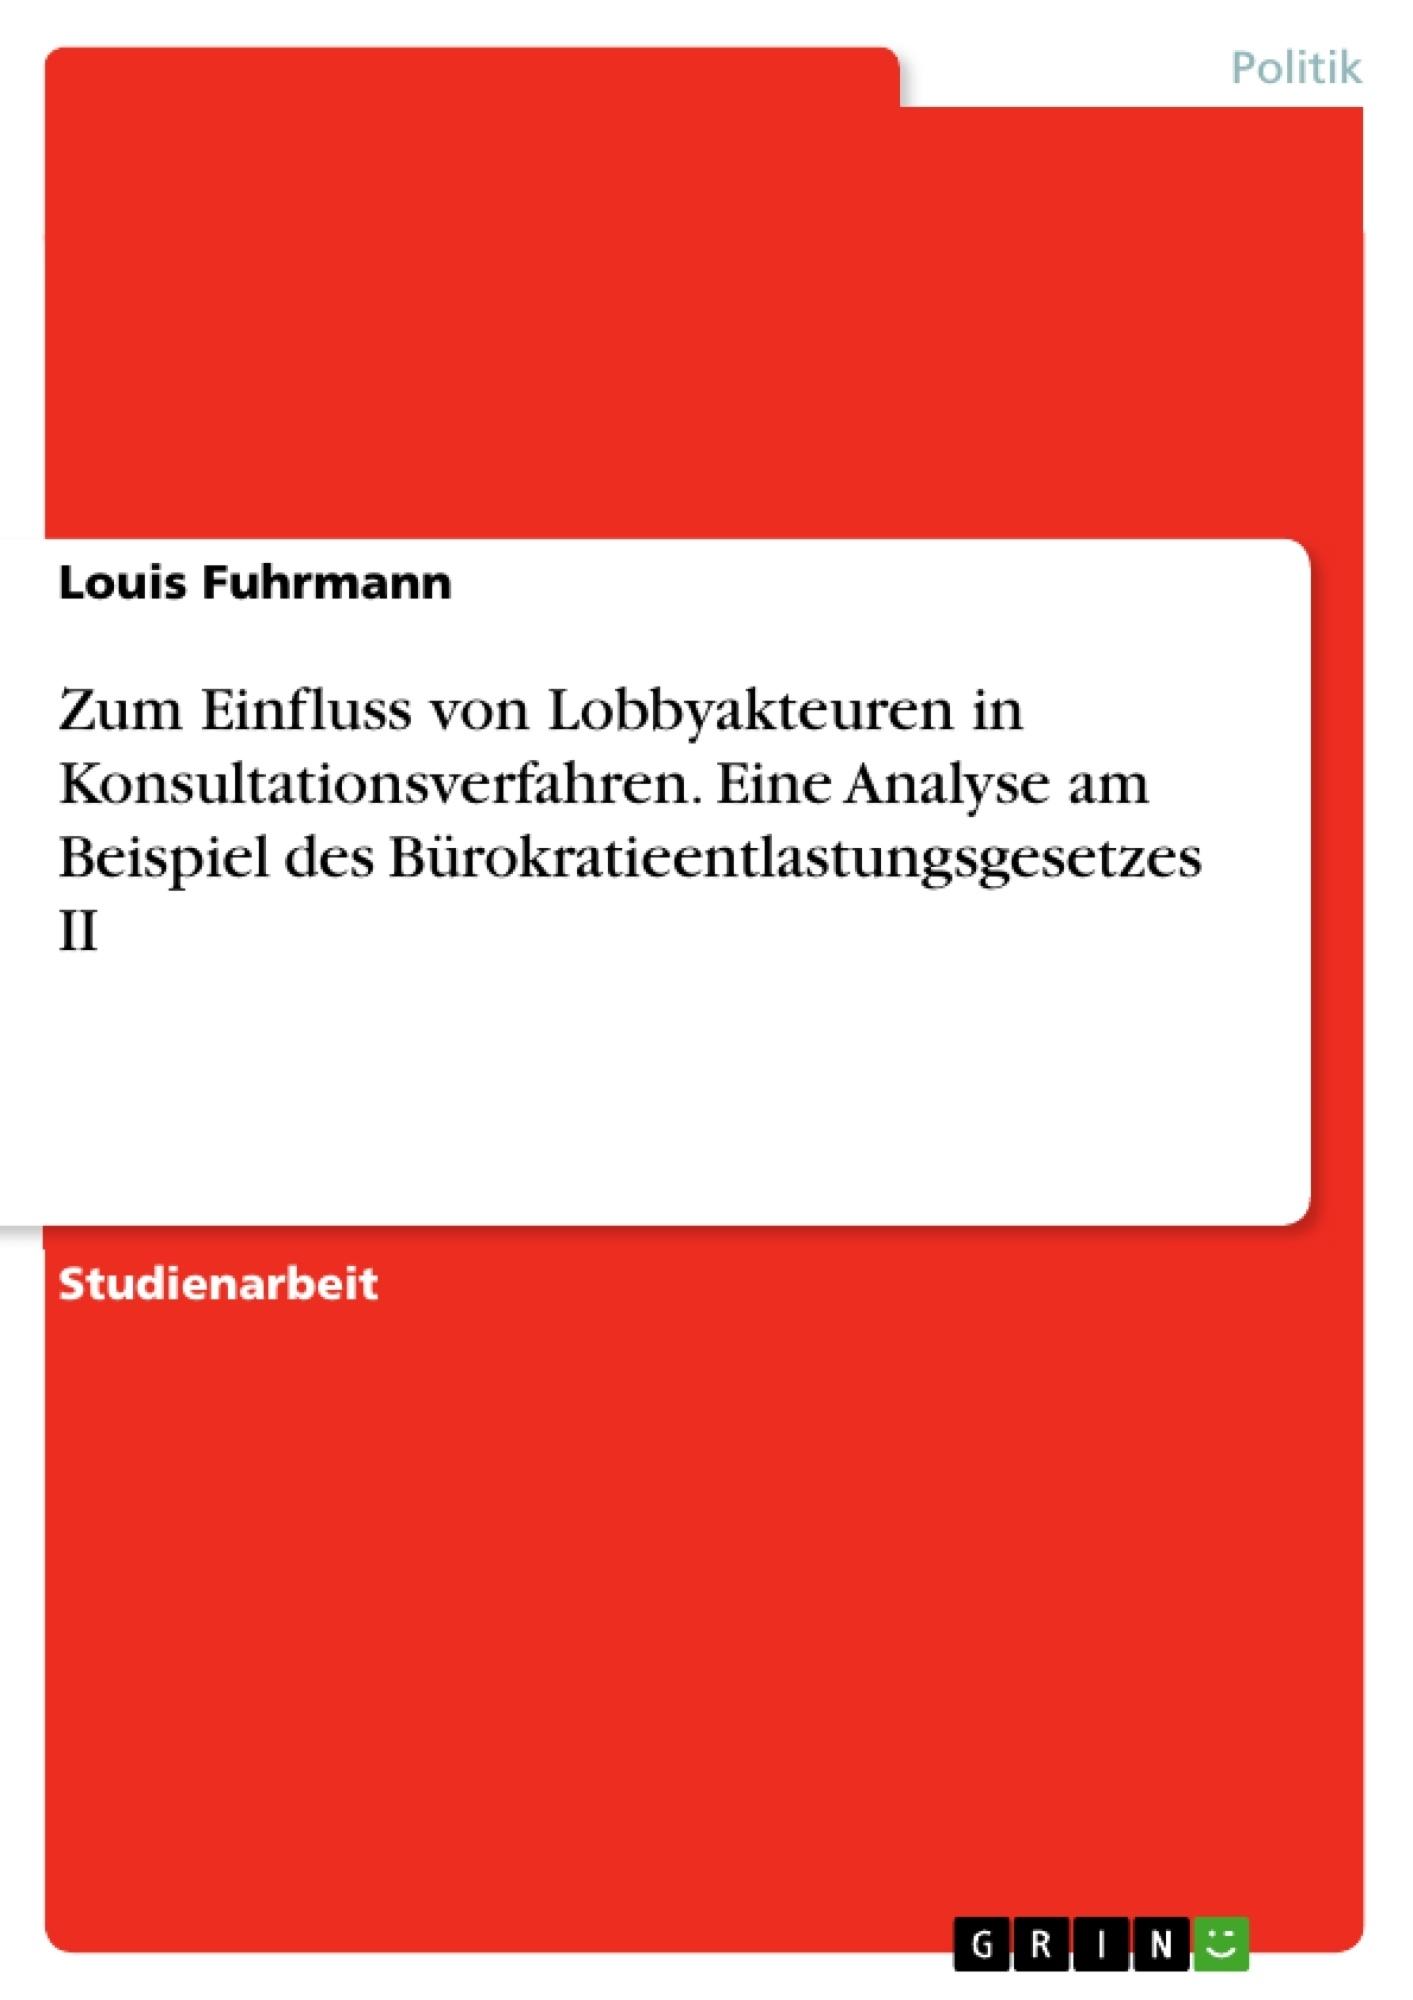 Titel: Zum Einfluss von Lobbyakteuren in Konsultationsverfahren. Eine Analyse am Beispiel des Bürokratieentlastungsgesetzes II